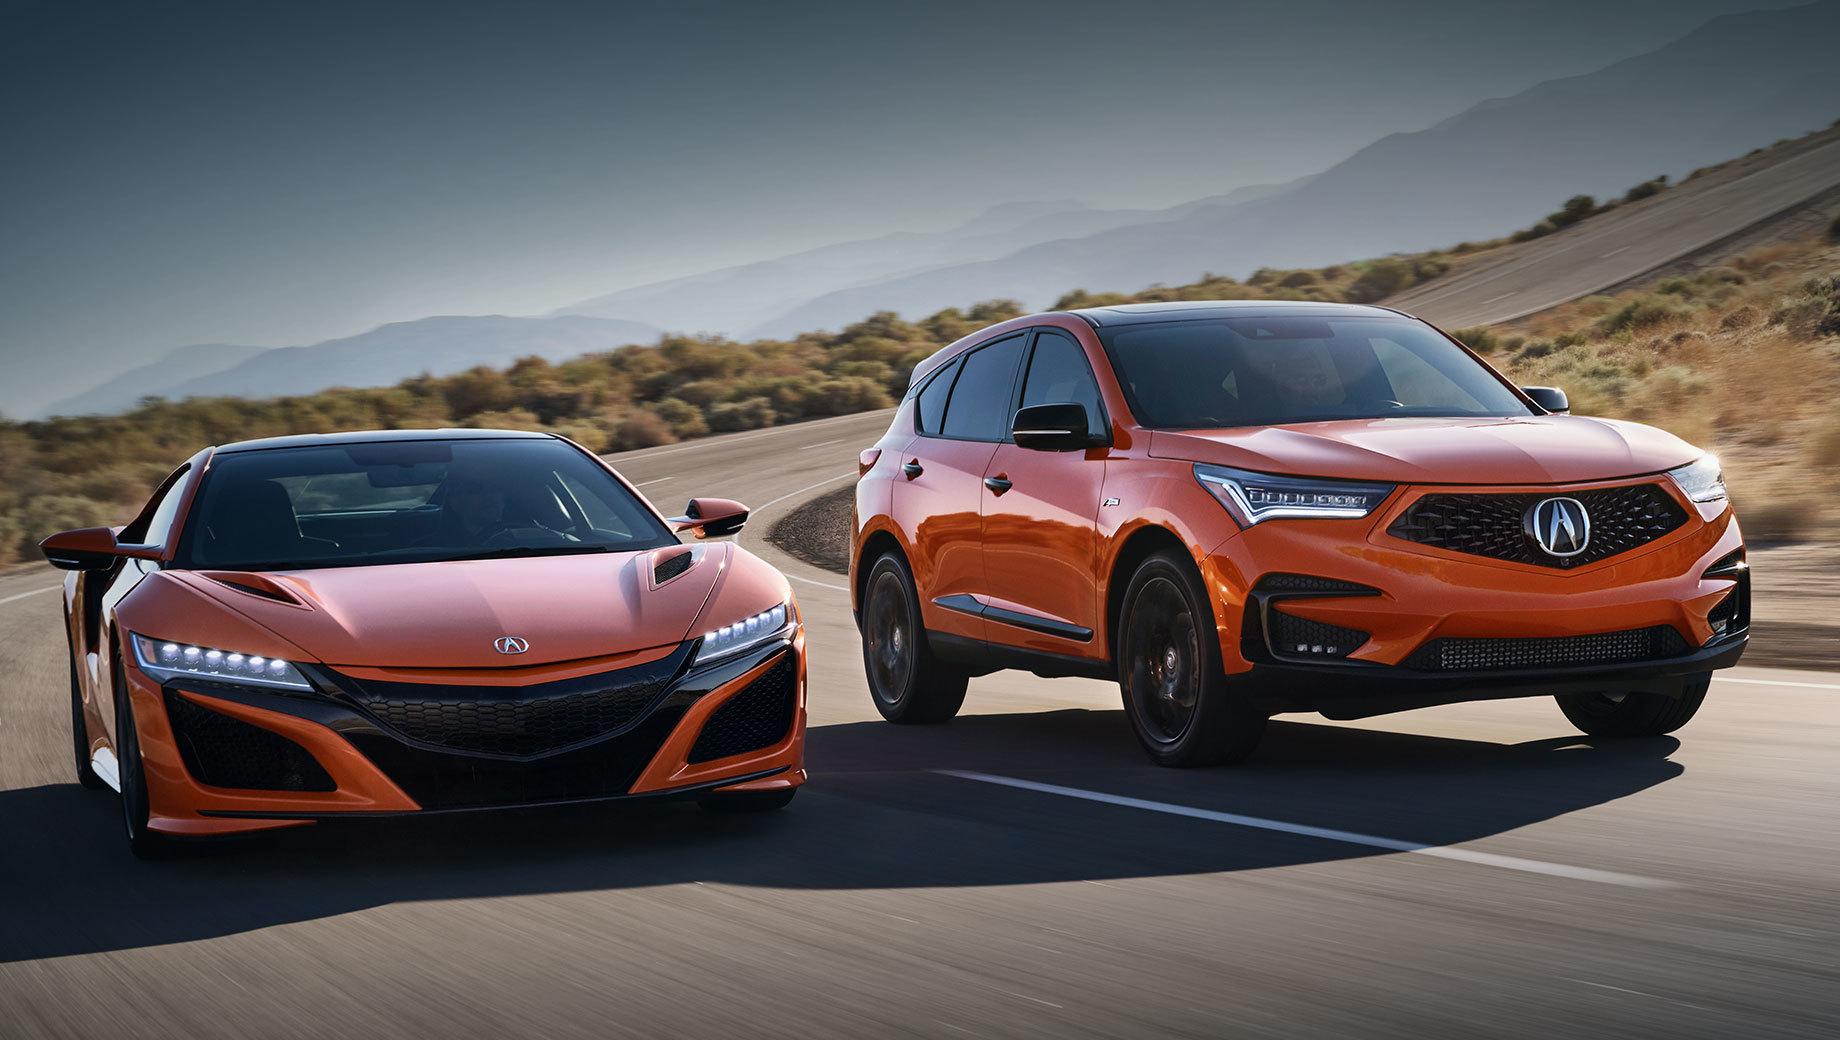 Acura rdx. Новинка не примерит фирменный для серии PMC колер Valencia Red Pearl. Пятидверки окрасят в перламутровый оттенок Thermal Orange Pearl, который используют с 2019 года на купе NSX. Процесс многослойной роботизированной окраски занимает около пяти дней.